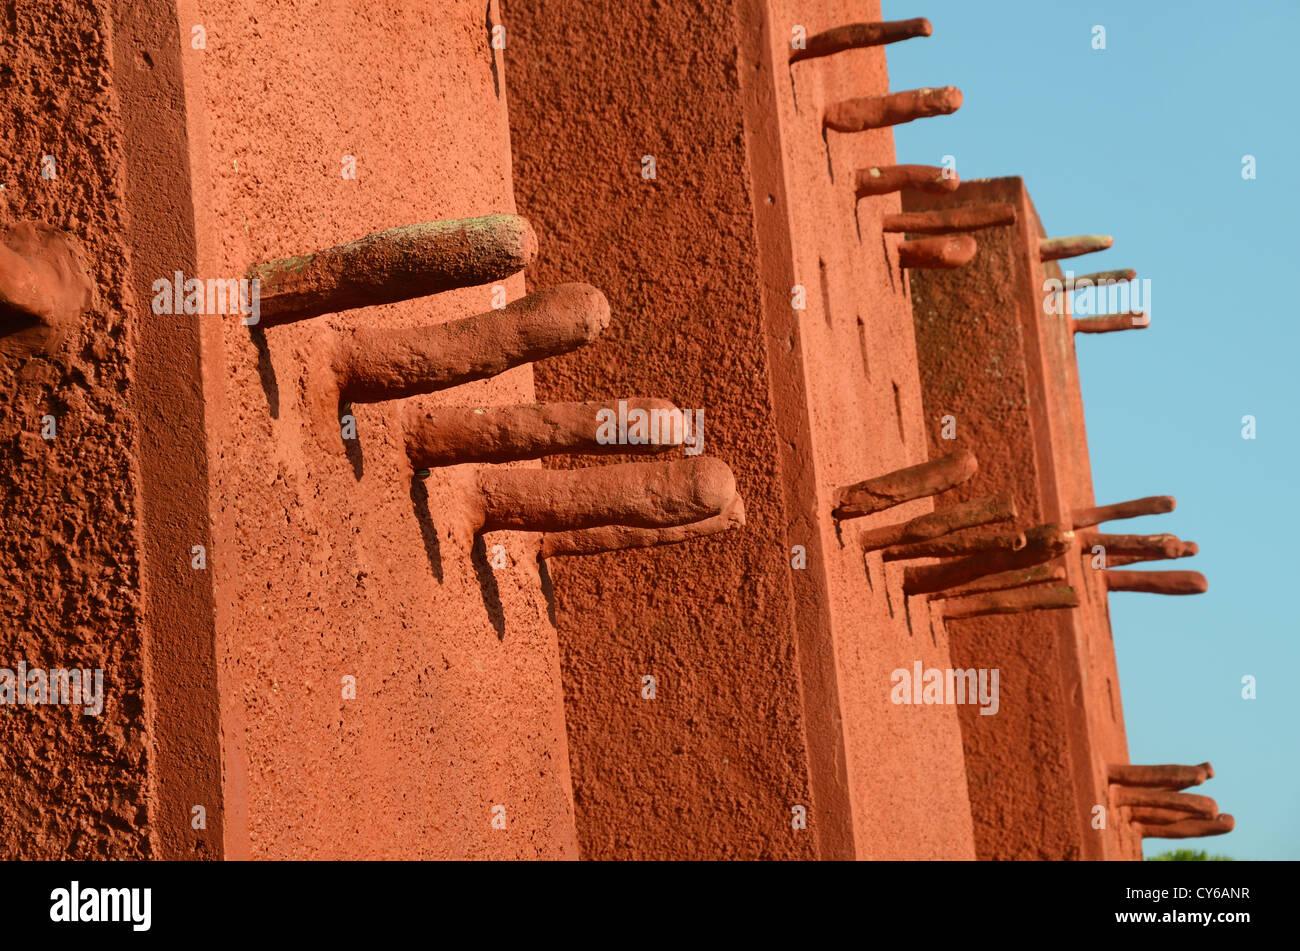 Adobe infangano la costruzione della moschea di sudanesi Frejus Var Provence Immagini Stock